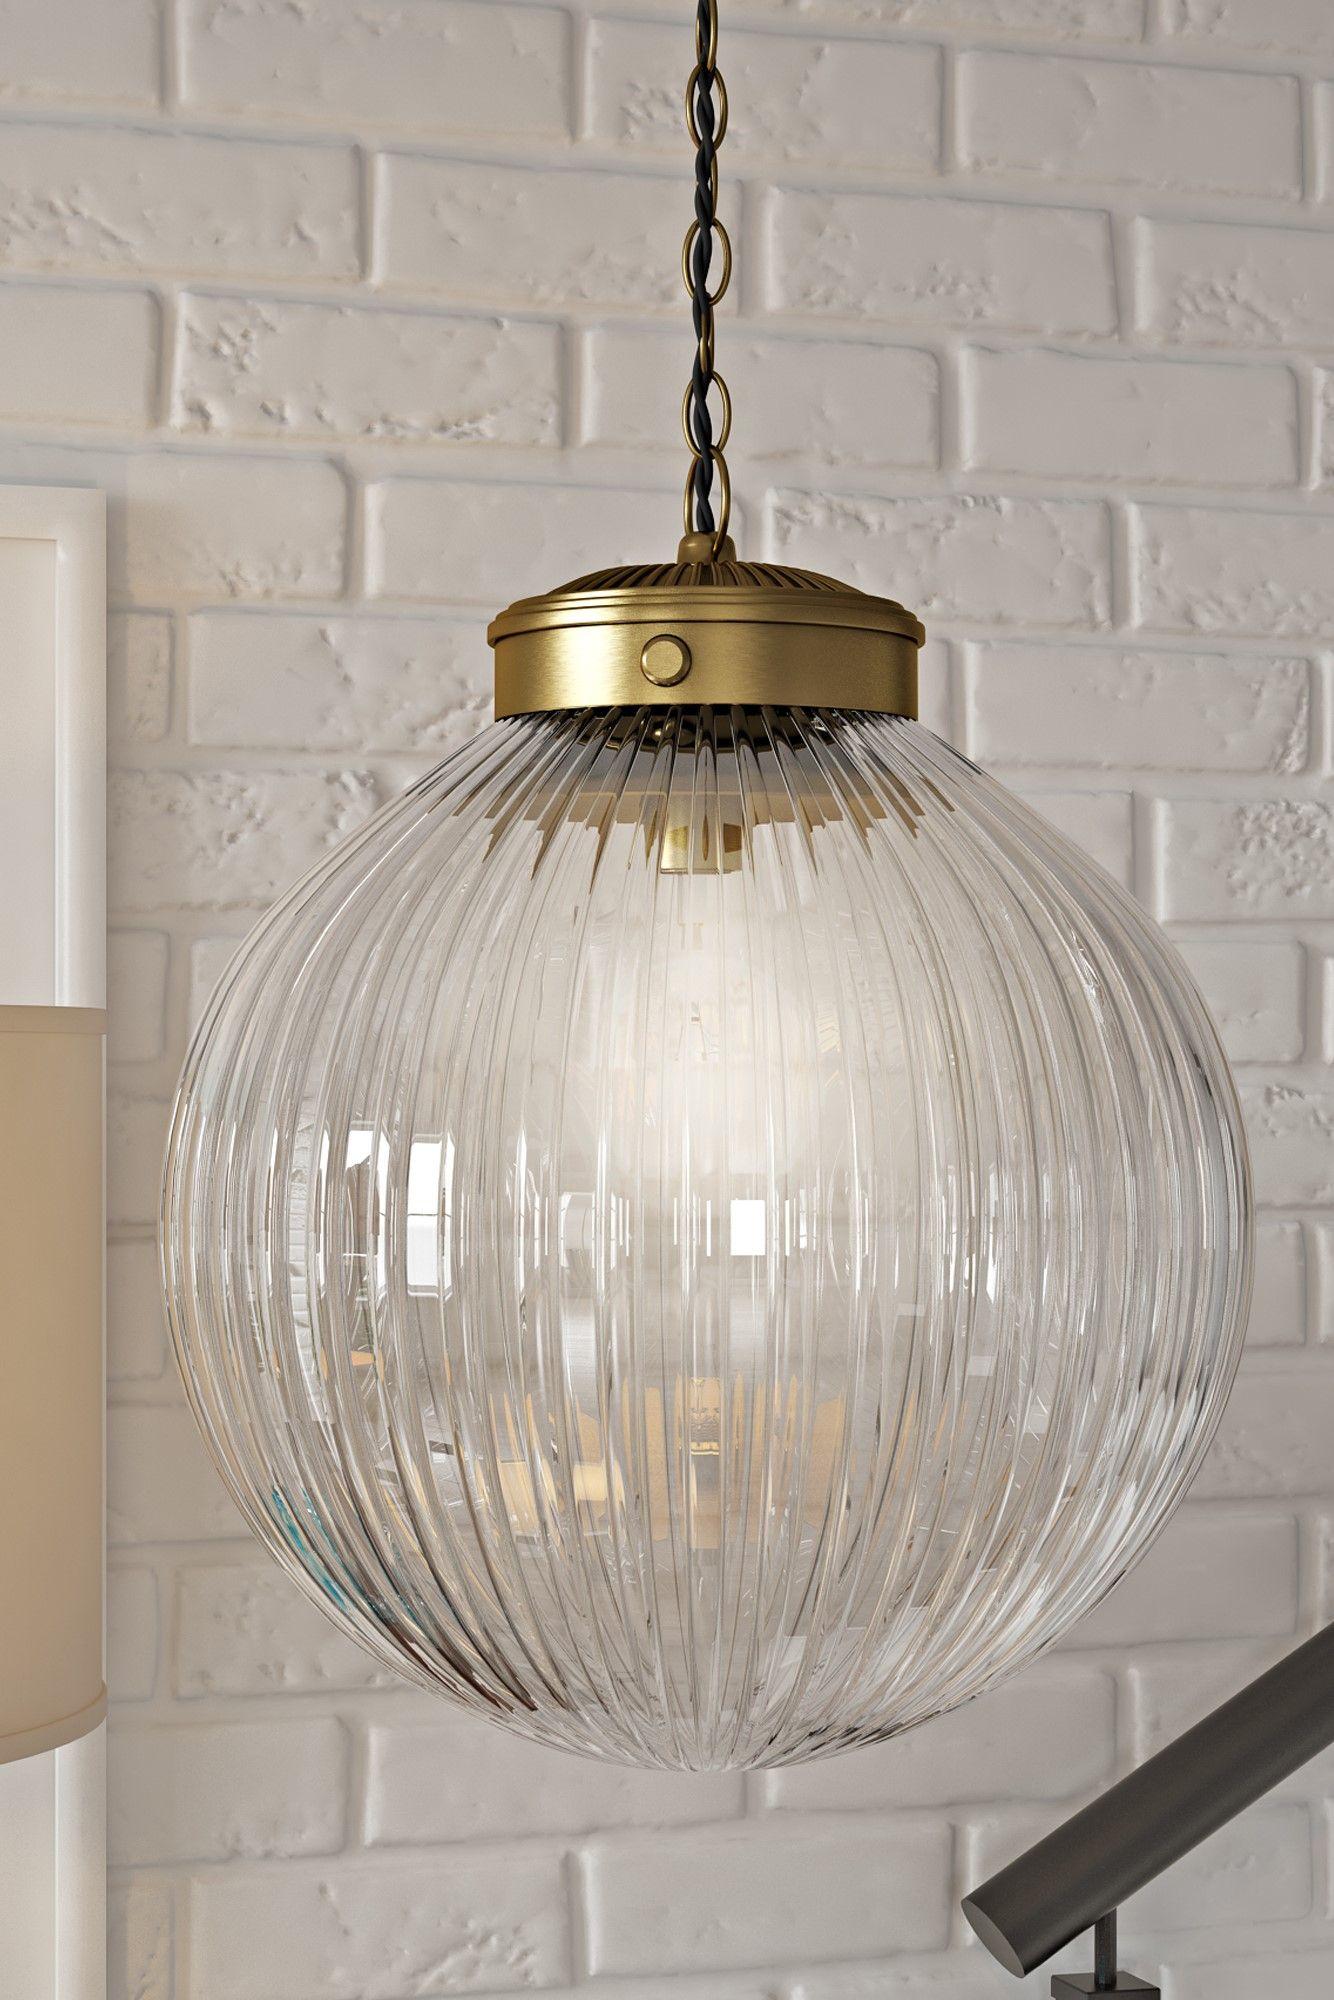 Hurst 1 Light Globe Pendant | Decorating In 2019 | Pendant Intended For 1 Light Globe Pendants (View 20 of 30)